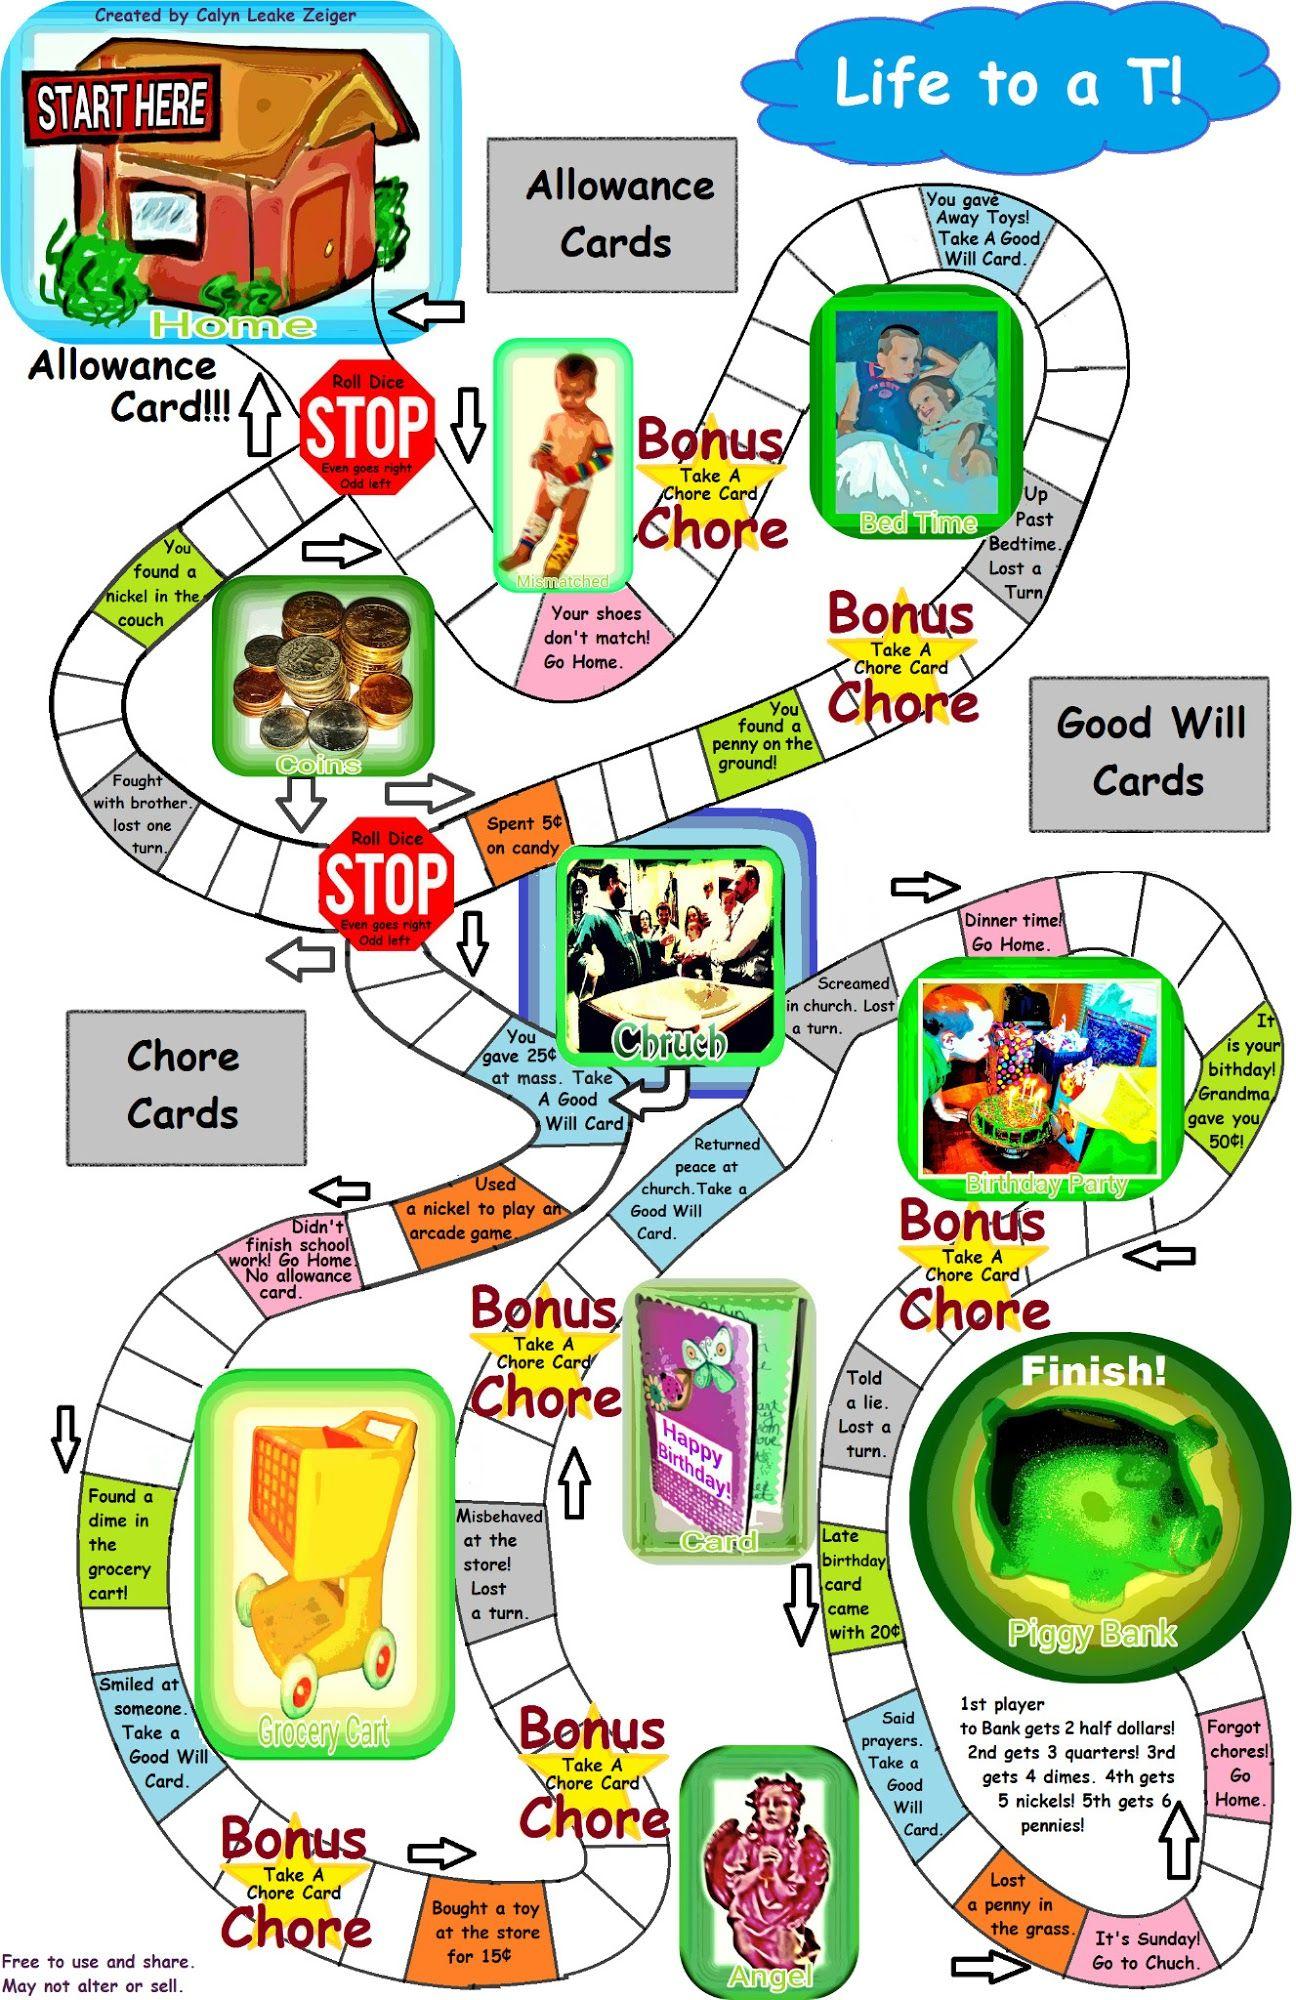 Christian Money Board Game Printable Printable Board Games Money Games For Kids Learning Games For Kids